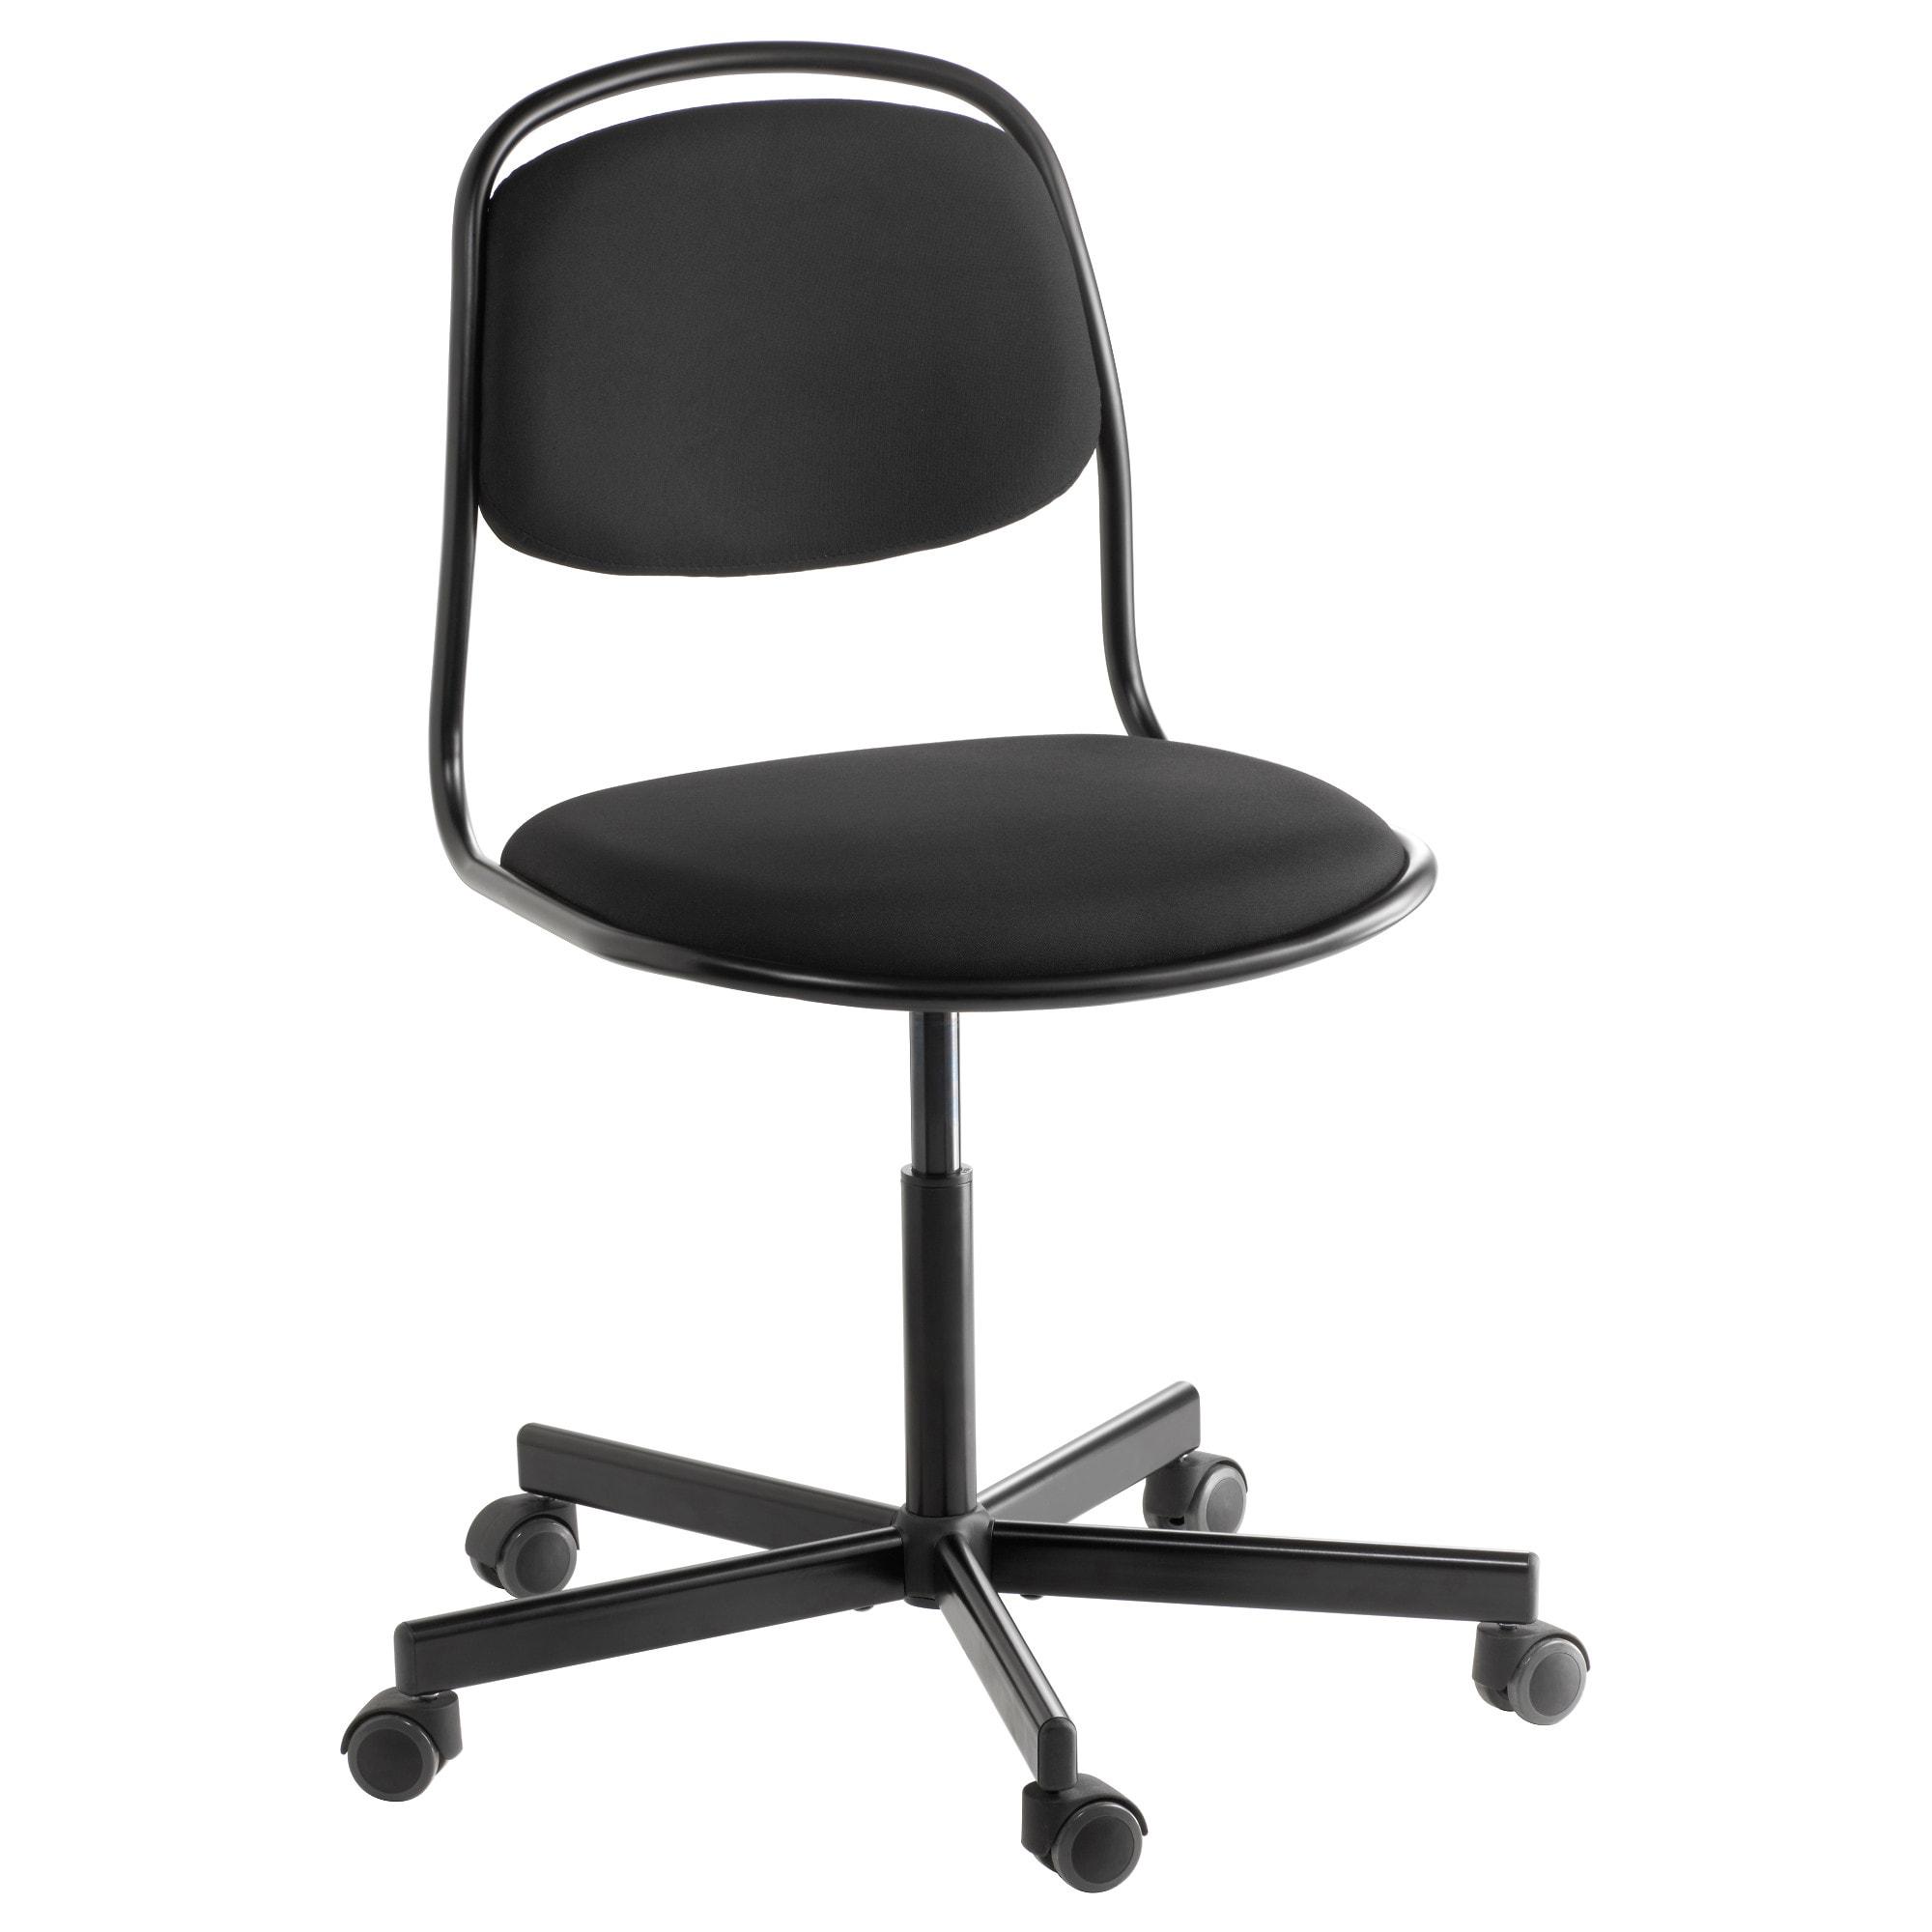 Sillas Despacho Ikea Dddy Sillas De Oficina Y Sillas De Trabajo Pra Online Ikea